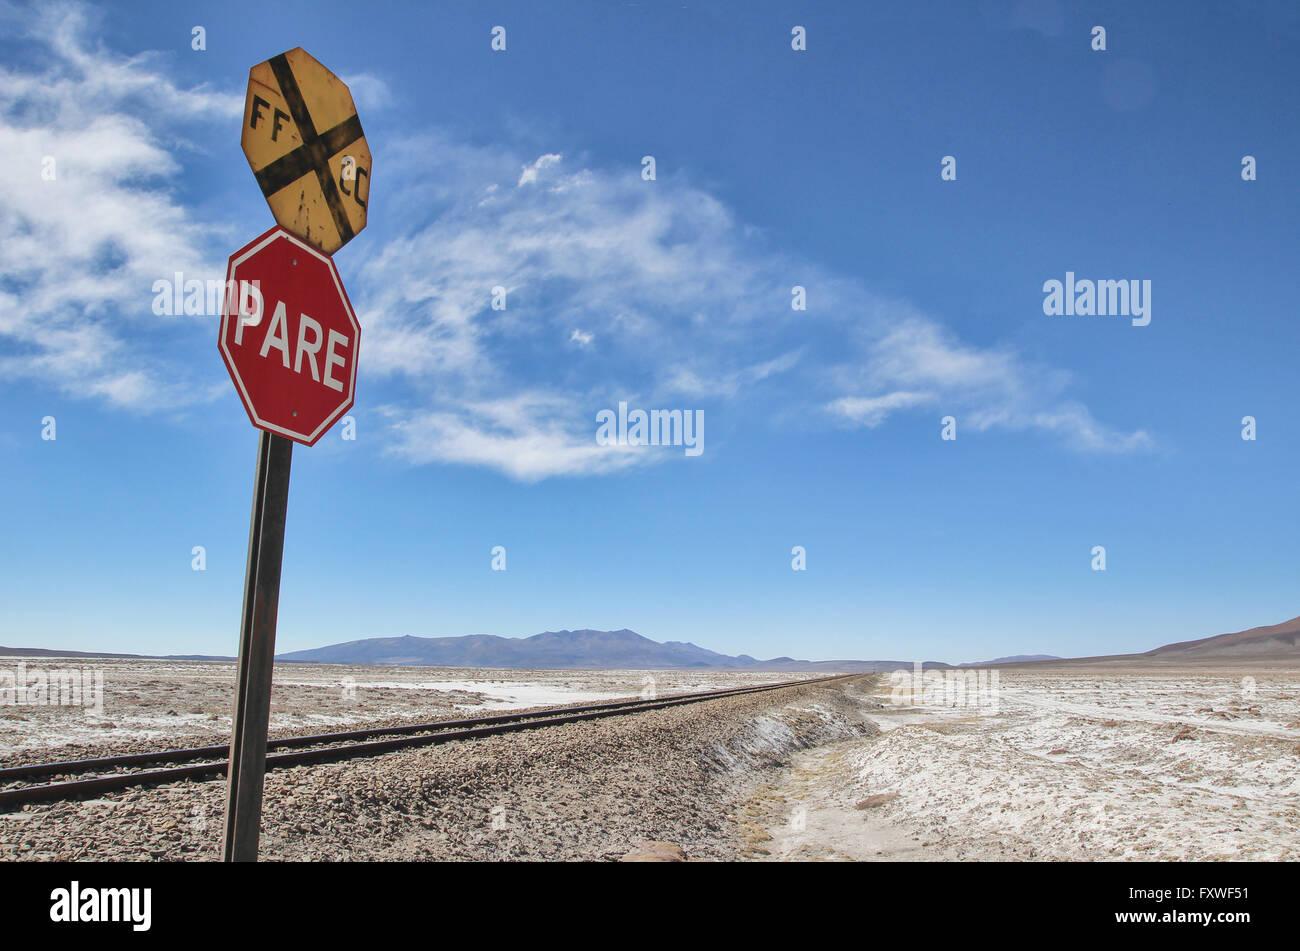 Bolivia -  21/08/2013  -  Bolivia / Salar de Uyuni / Uyuni  -  Salt desert, Uyuni Isla del Pescado   -  Sandrine - Stock Image